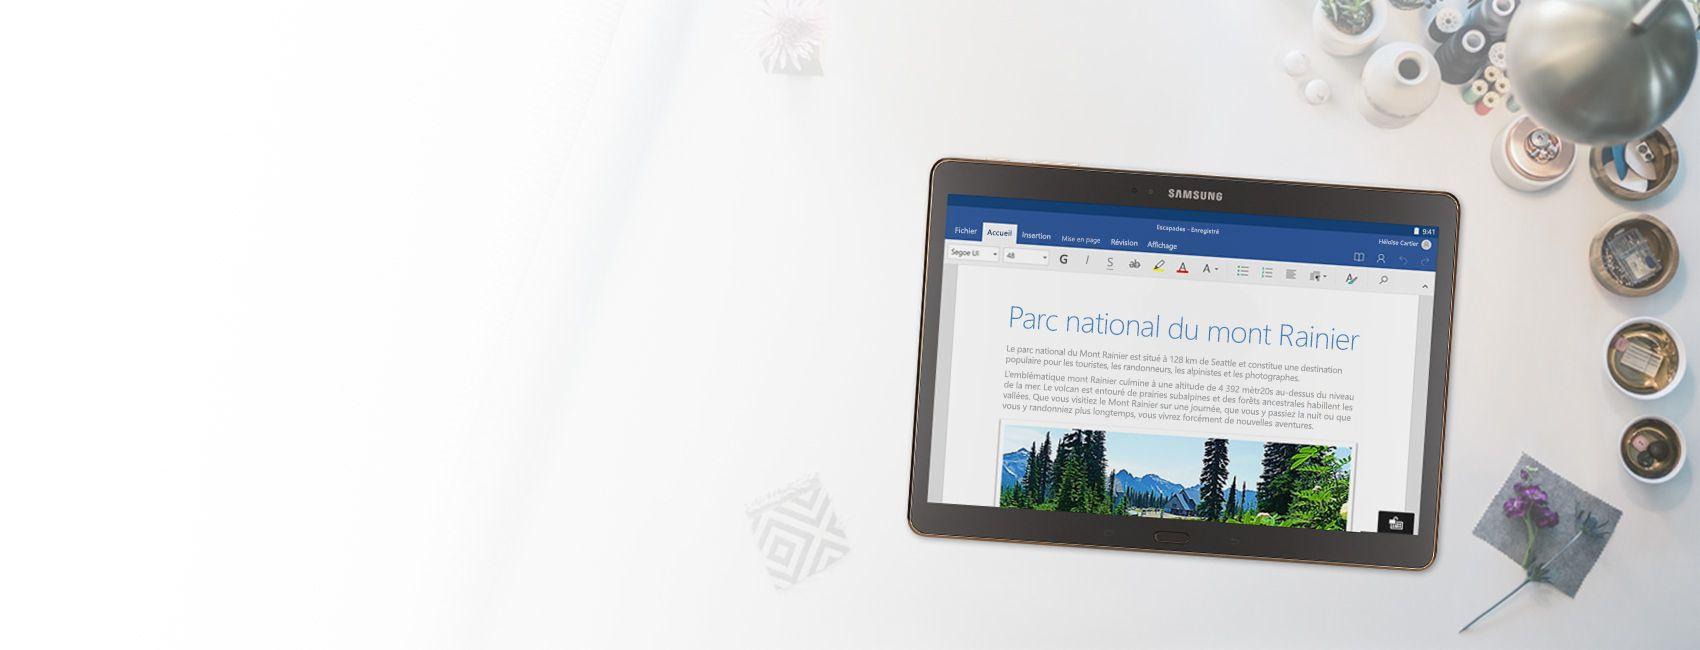 Tablette affichant un document Word sur le Parc national du mont Rainier